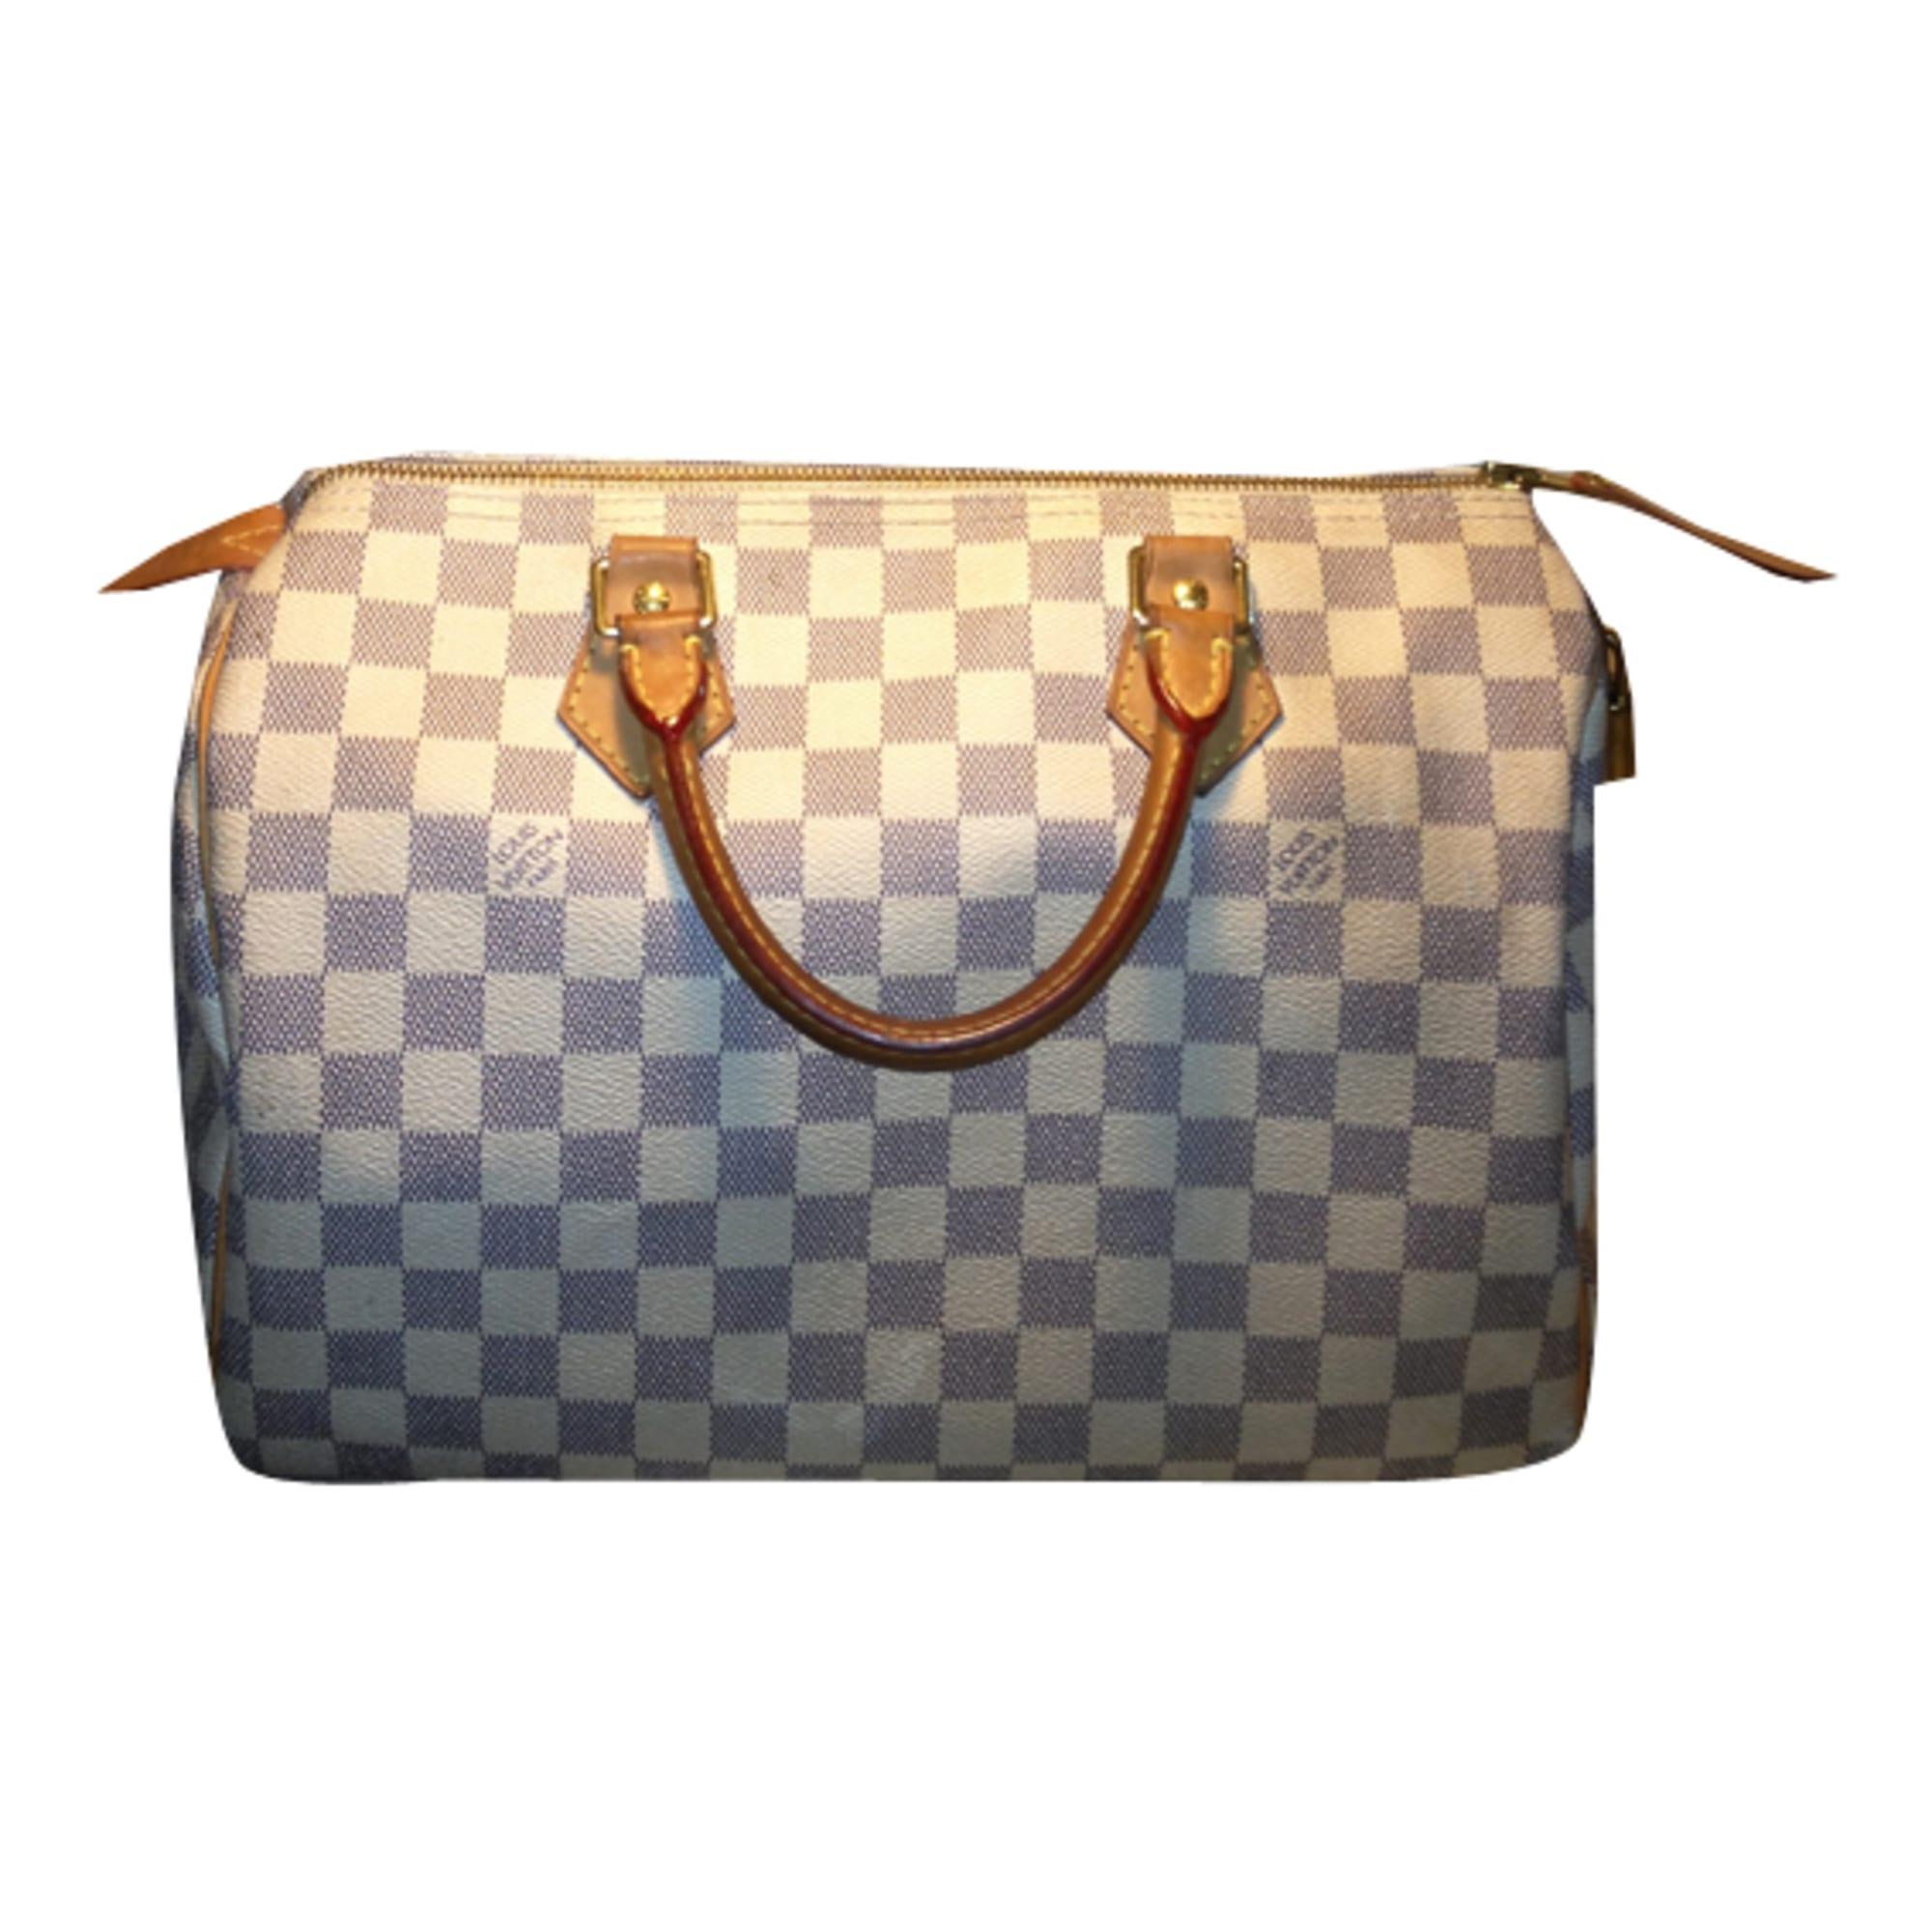 Sac à main en cuir LOUIS VUITTON beige vendu par Celinef.285000 ... bb5297c1b6d